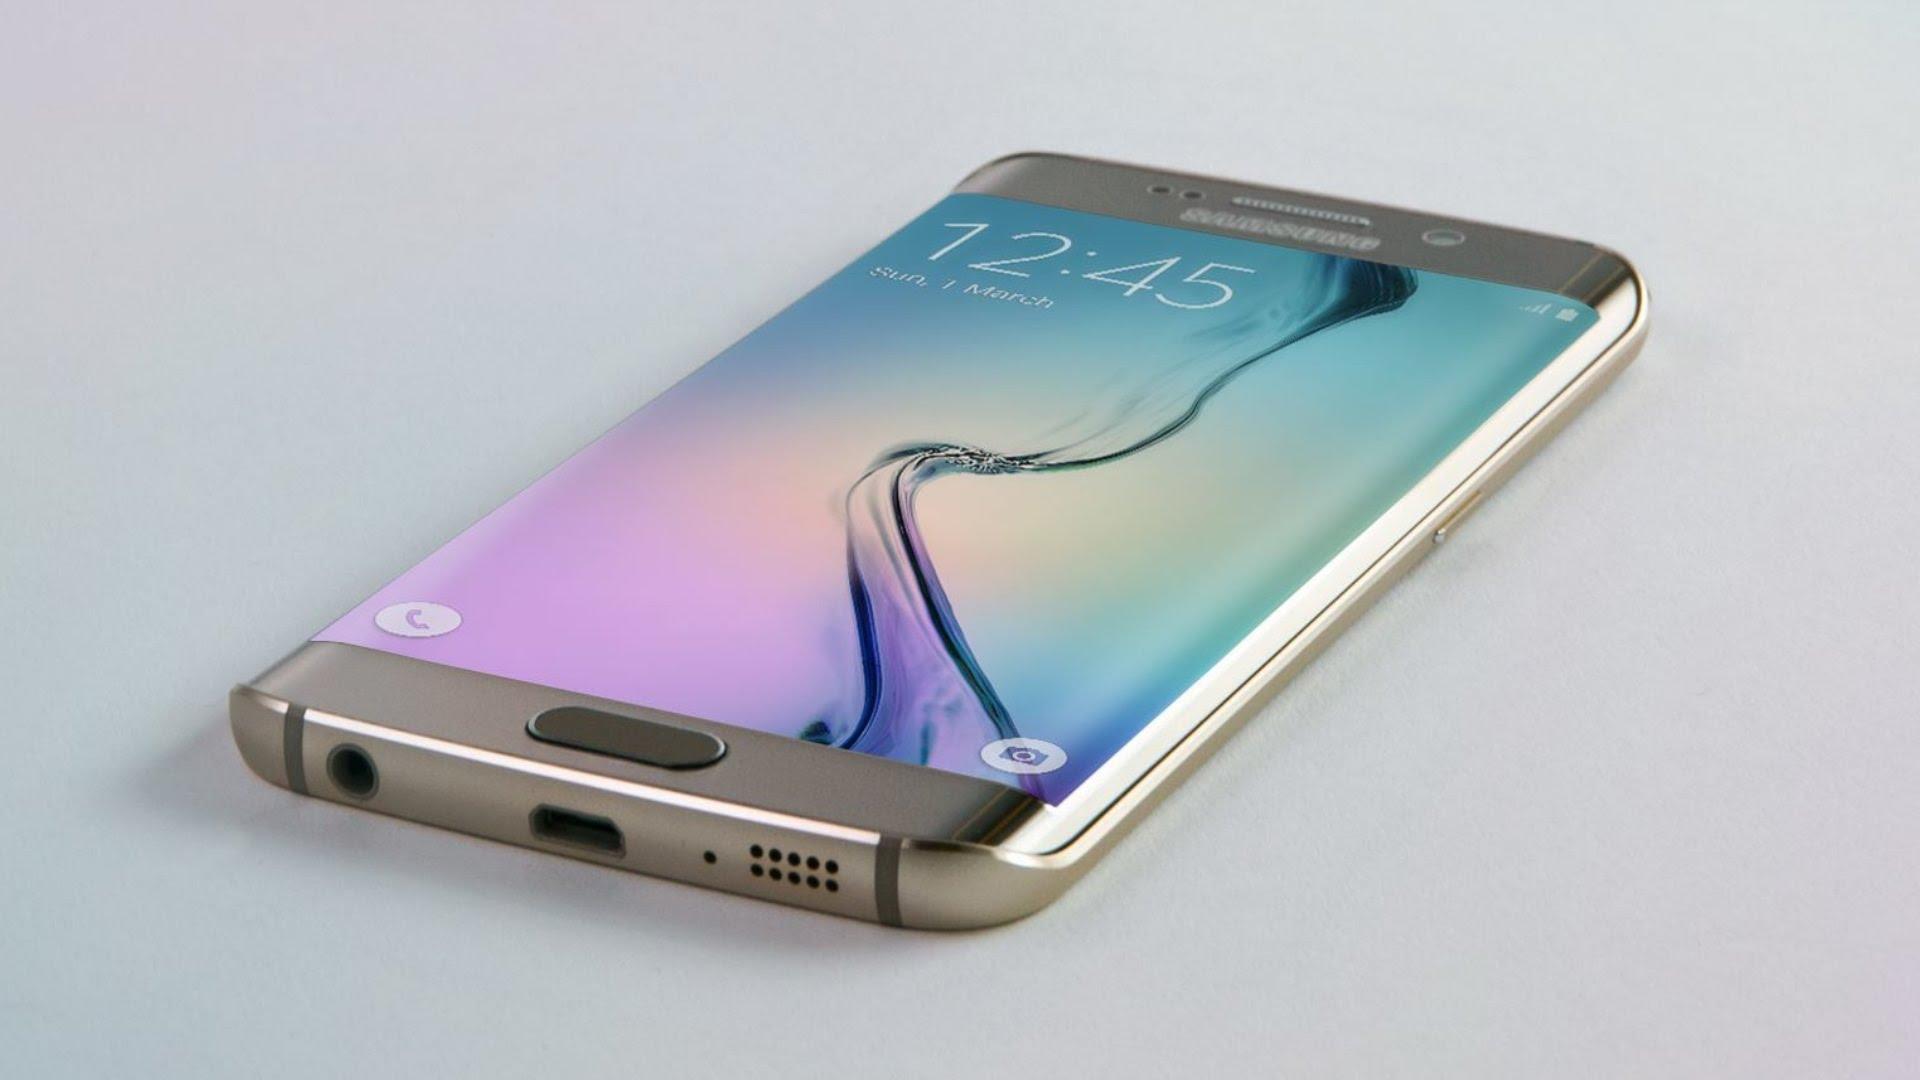 Bon plan : le Samsung Galaxy S6 Edge est à 499 euros